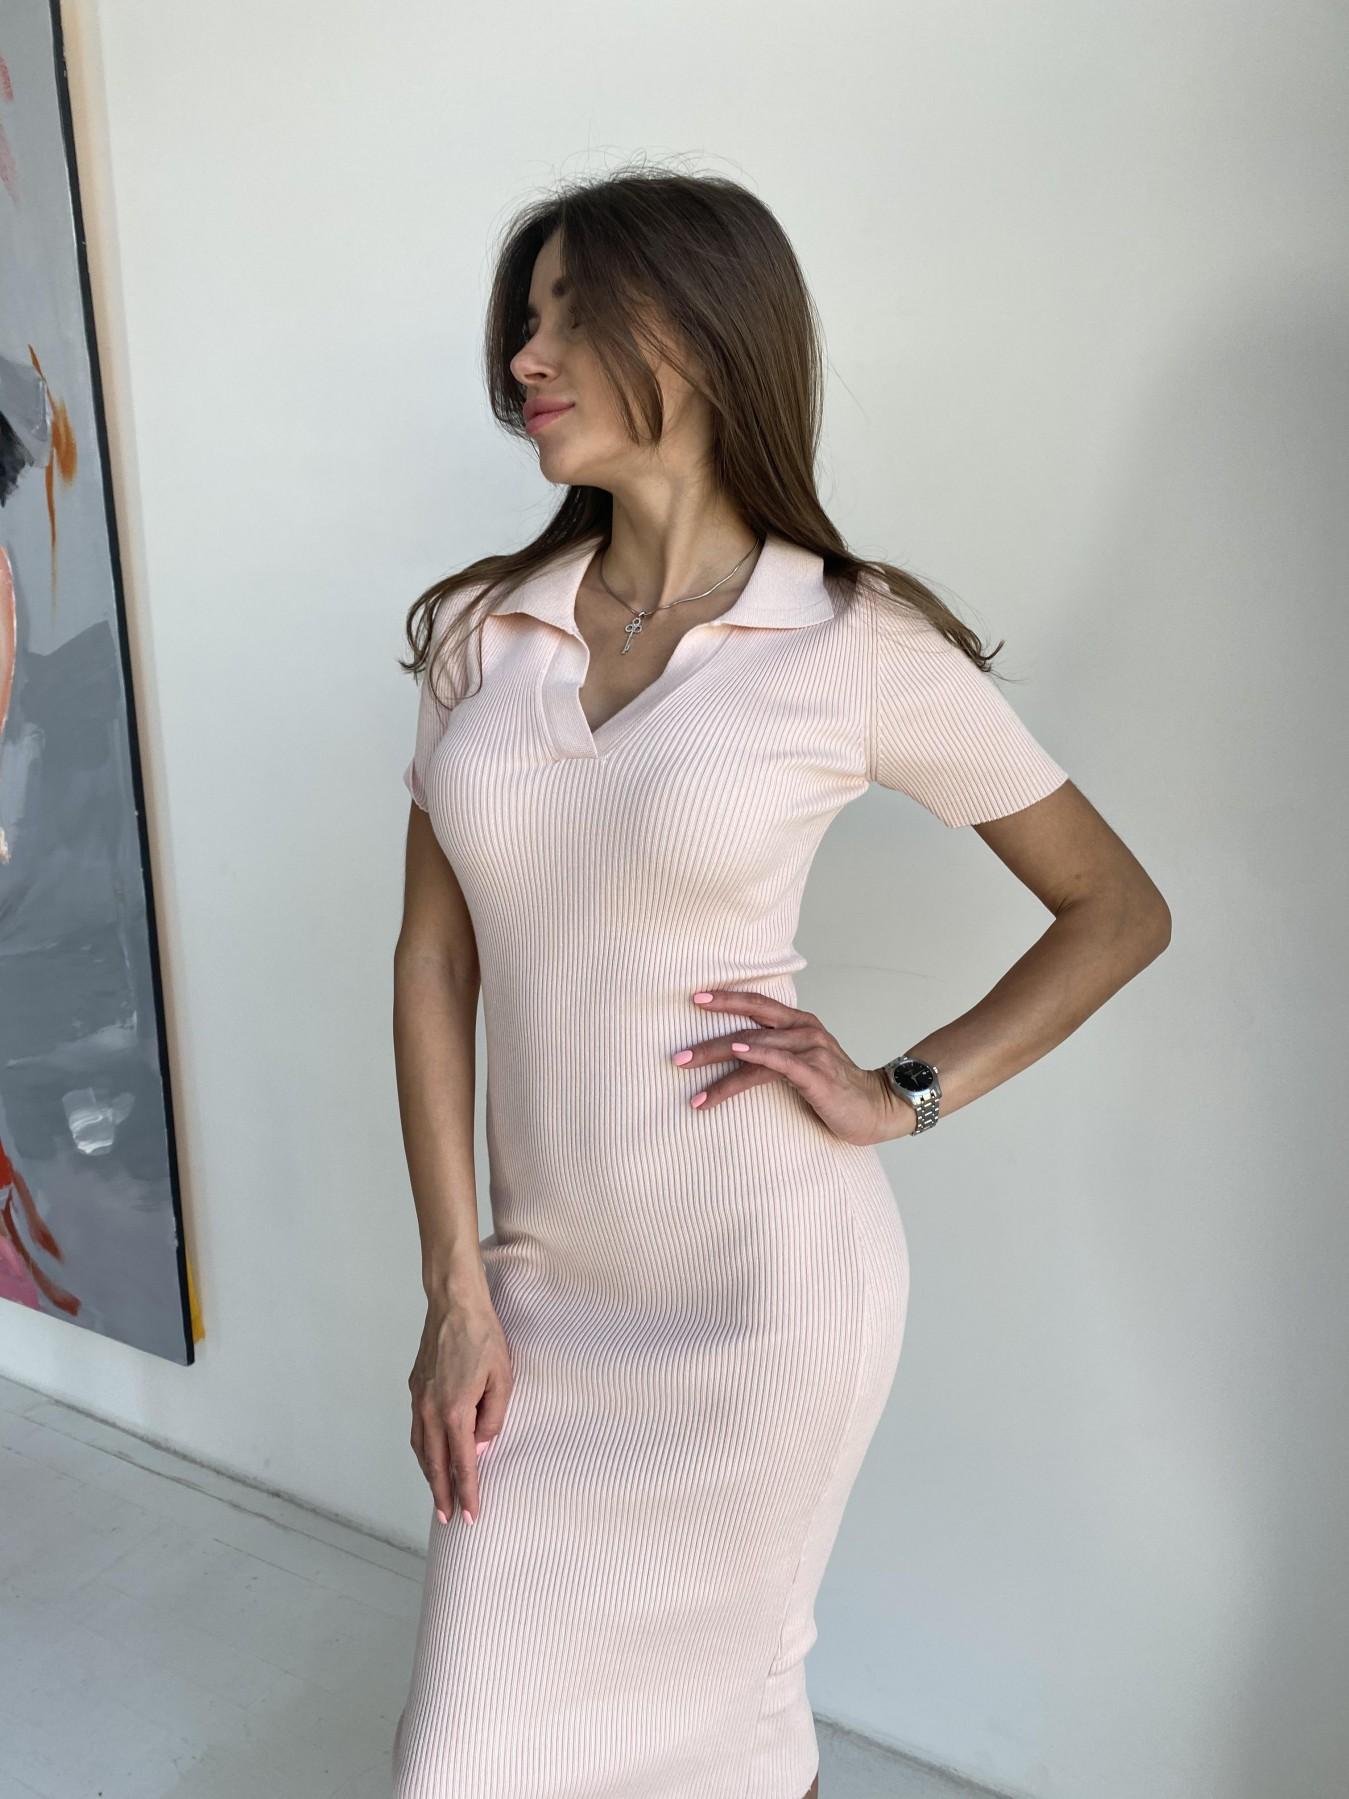 Платье воротник 91688 АРТ. 48068 Цвет: Пудра - фото 5, интернет магазин tm-modus.ru